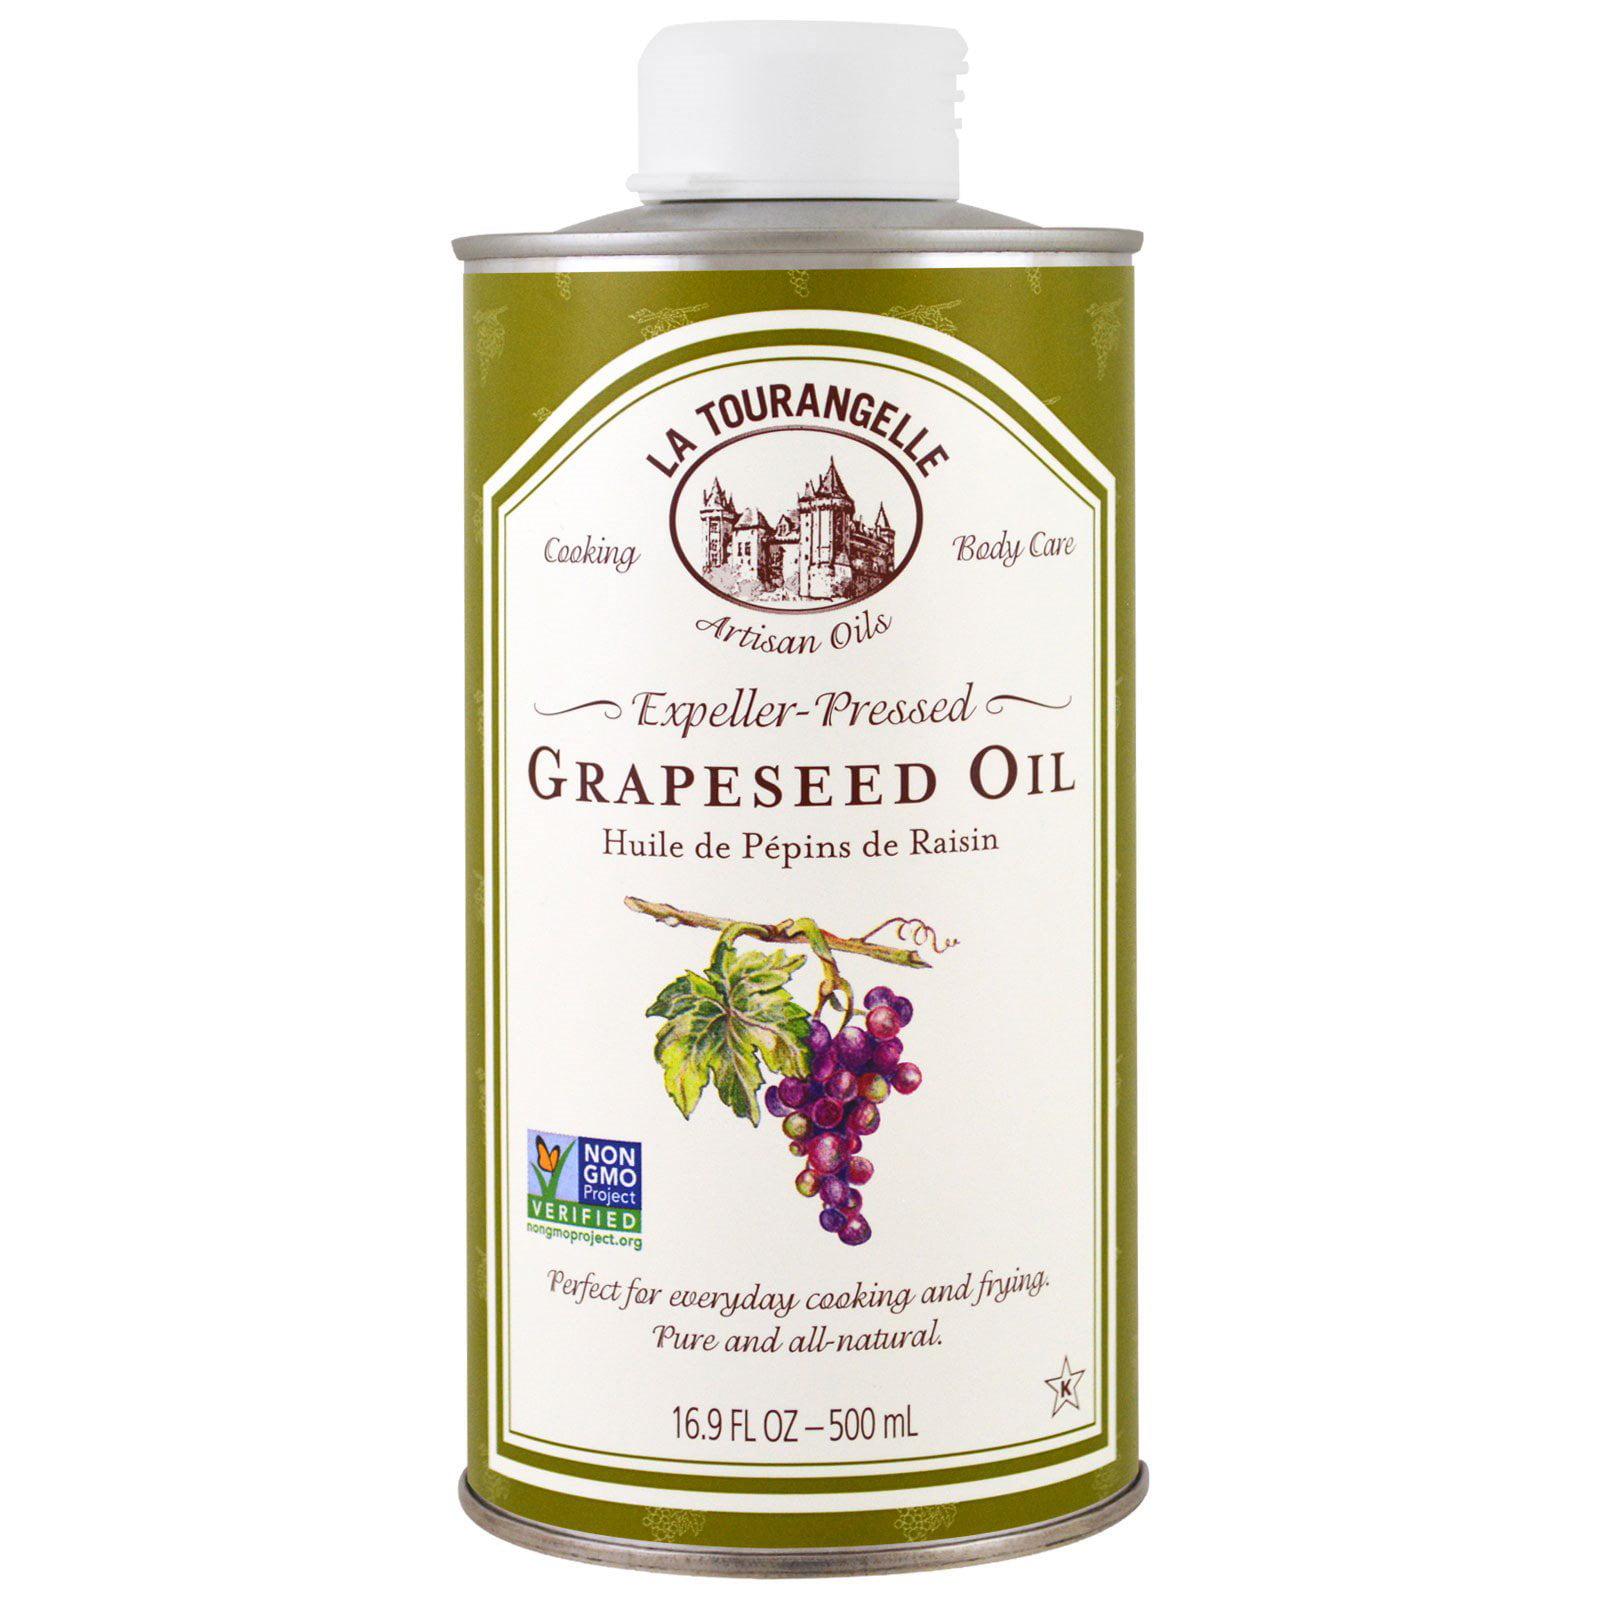 La Tourangelle, Grapeseed Oil, 16.9 fl oz (pack of 1)